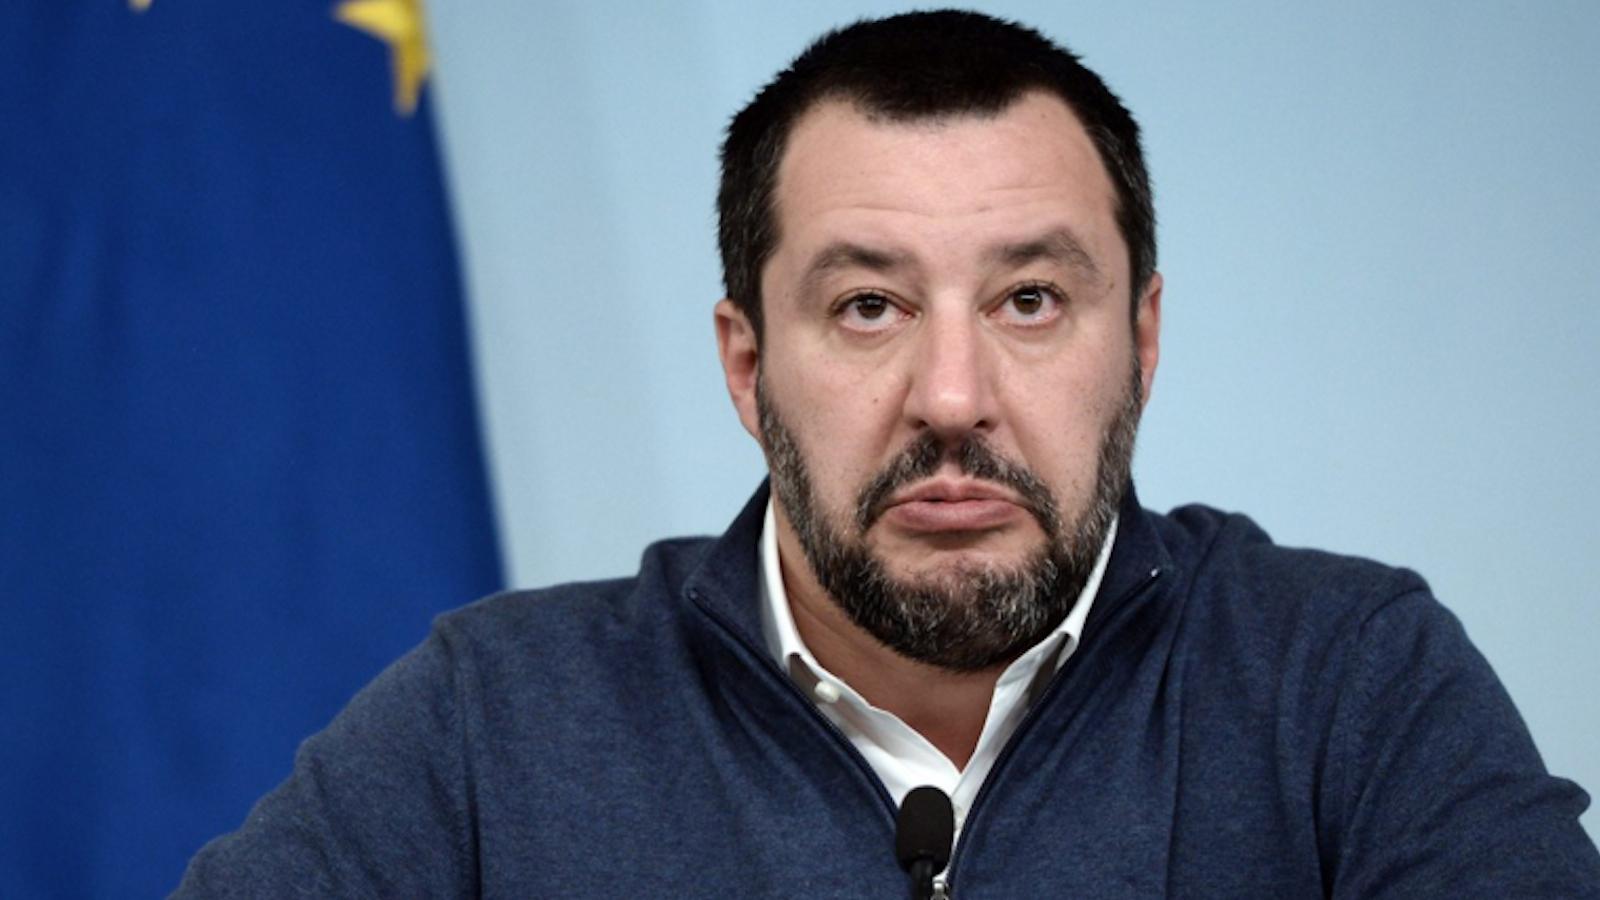 Rifugiati, Salvini risponde a Mattarella: 'Non è un dovere accogliere i clandestini'